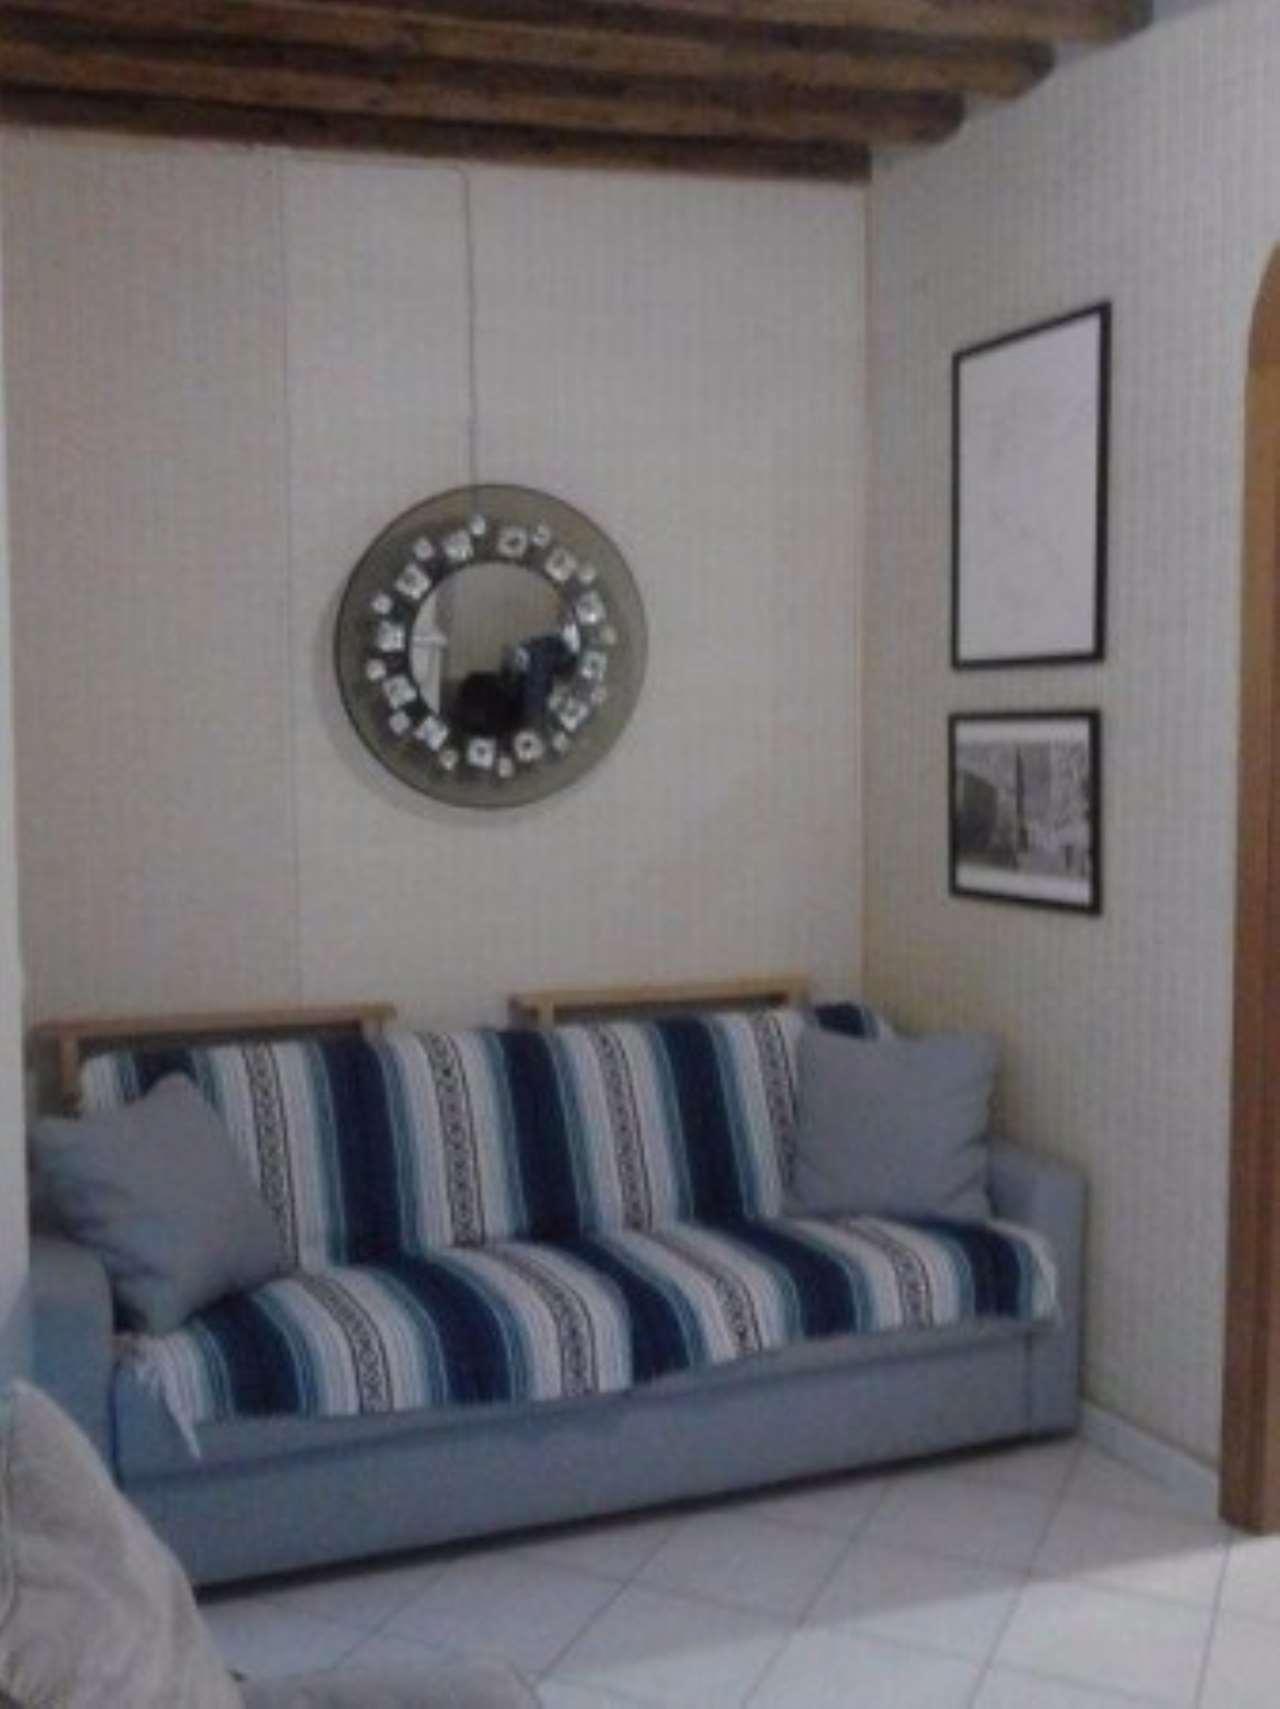 Appartamento in vendita a Venezia, 4 locali, zona Zona: 3 . Cannaregio, prezzo € 285.000 | CambioCasa.it